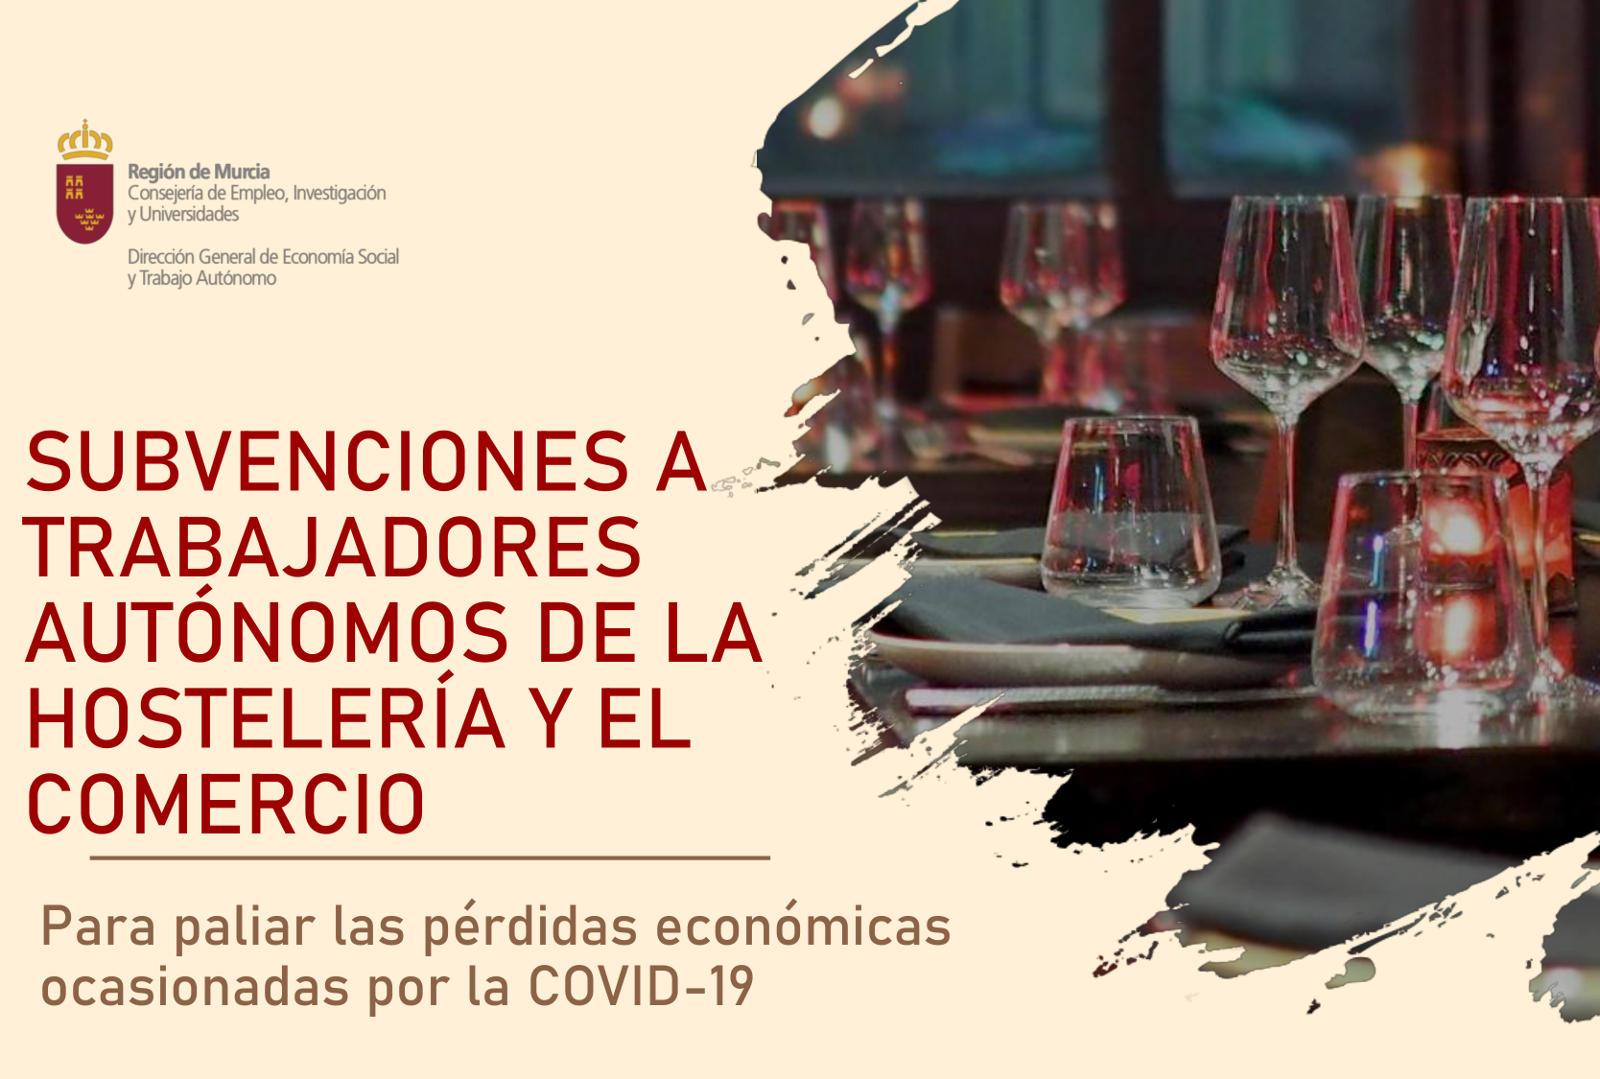 20201029_AYUDAS A LA HOSTELERÍA Y AL COMERCIO